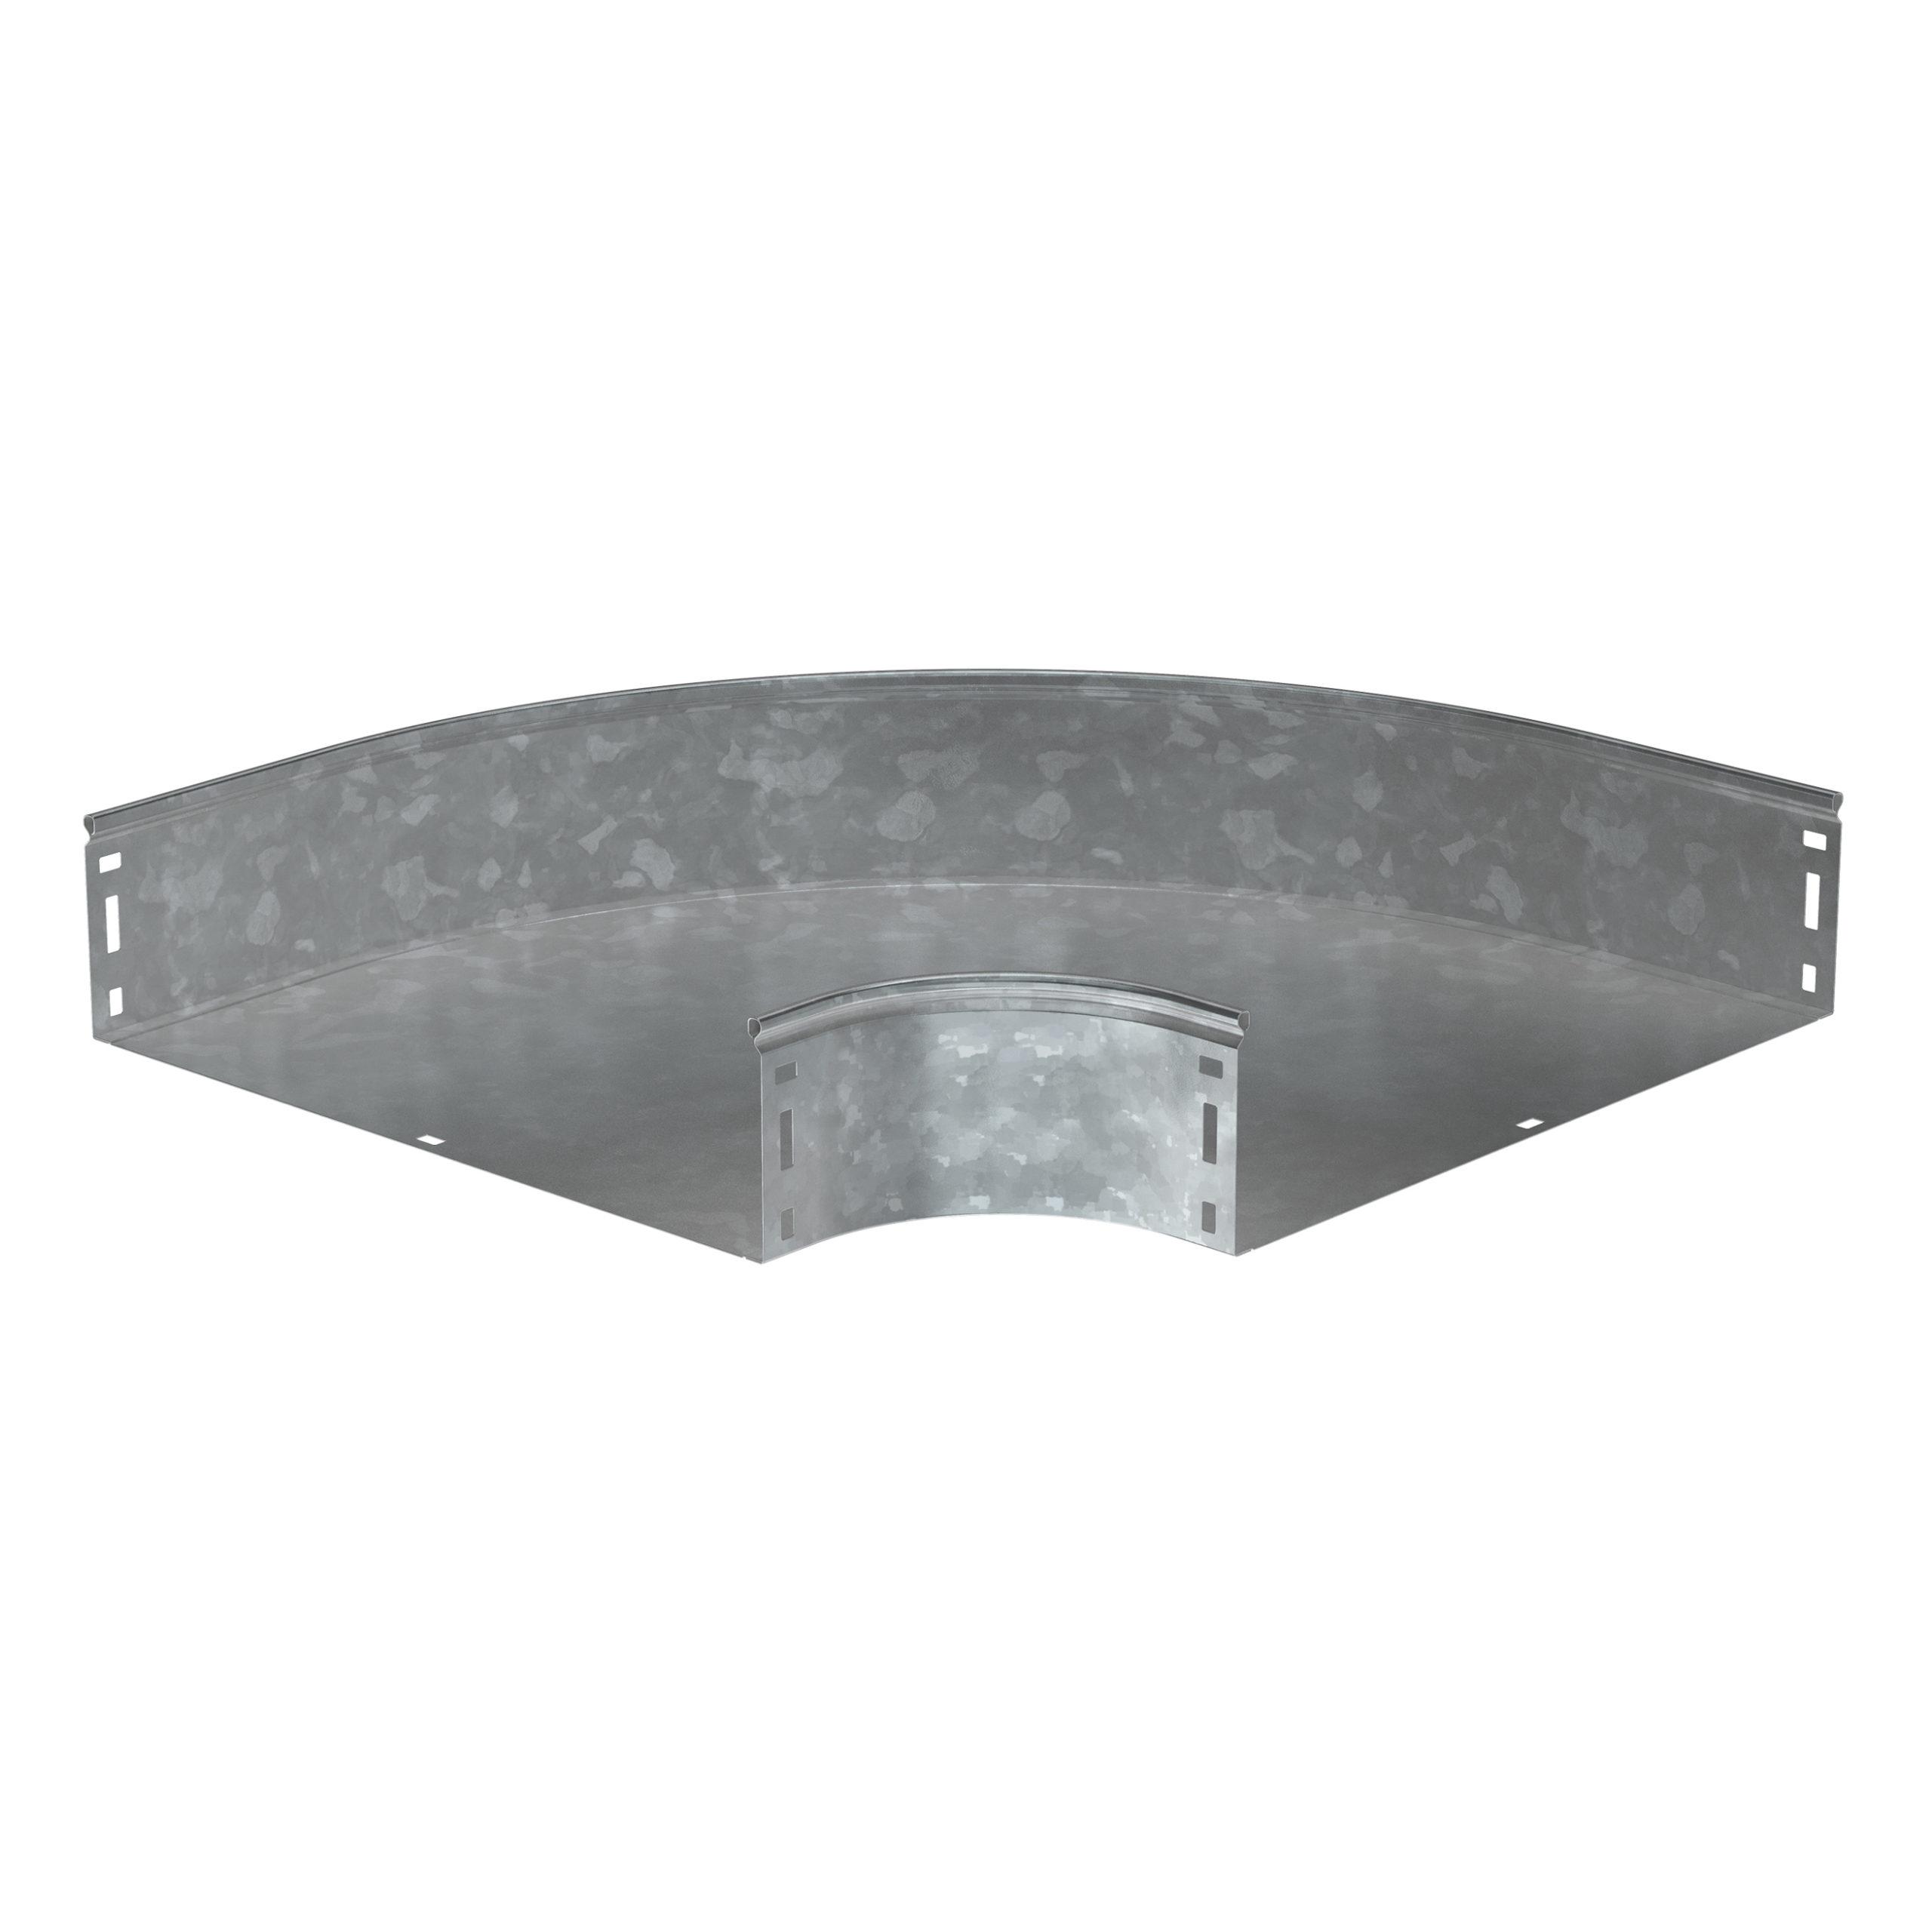 Поворот плавный 90град (тип Г01) ESCA 100х400мм HDZ IEK 1